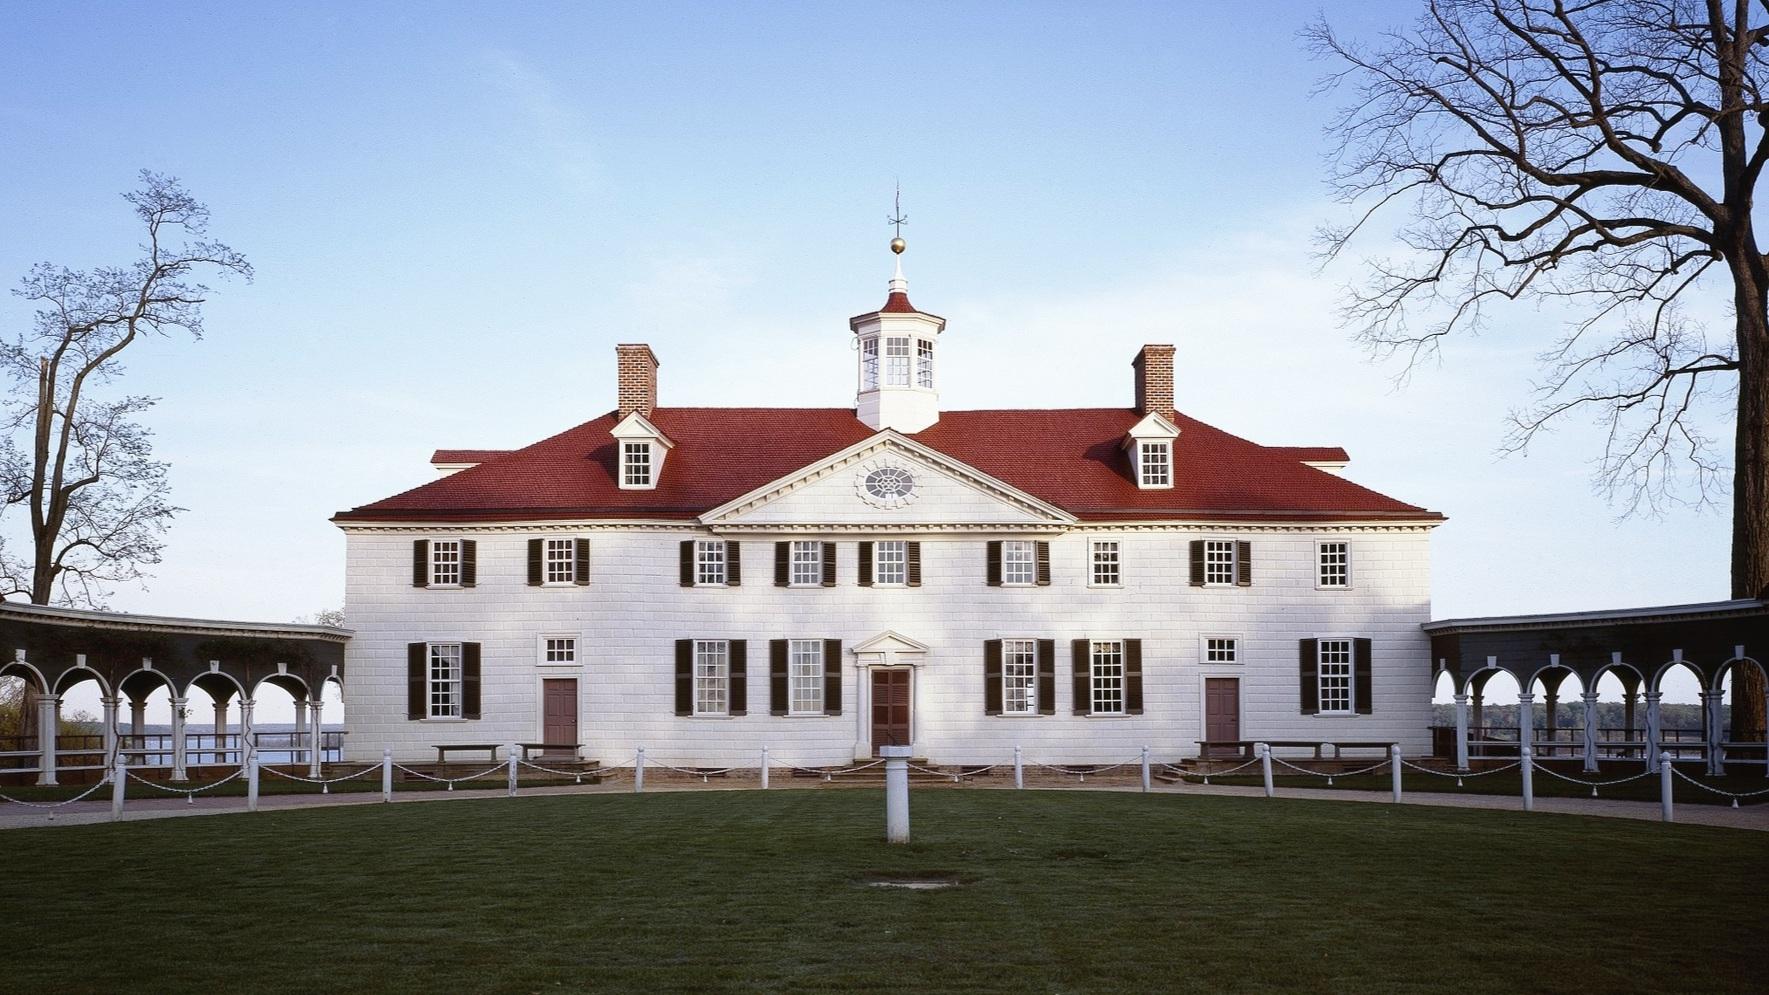 Mount Vernon - Det här är en utflykt i historiens tecken. Upplev USA:s första president George Washingtons gamla herrgård. I upplevelsen ingår även besök på Arlington Cemetery där de döda från slaget är begravda samt Iowa Jima Memorial, minnesplats för de stupade under andra världskriget.